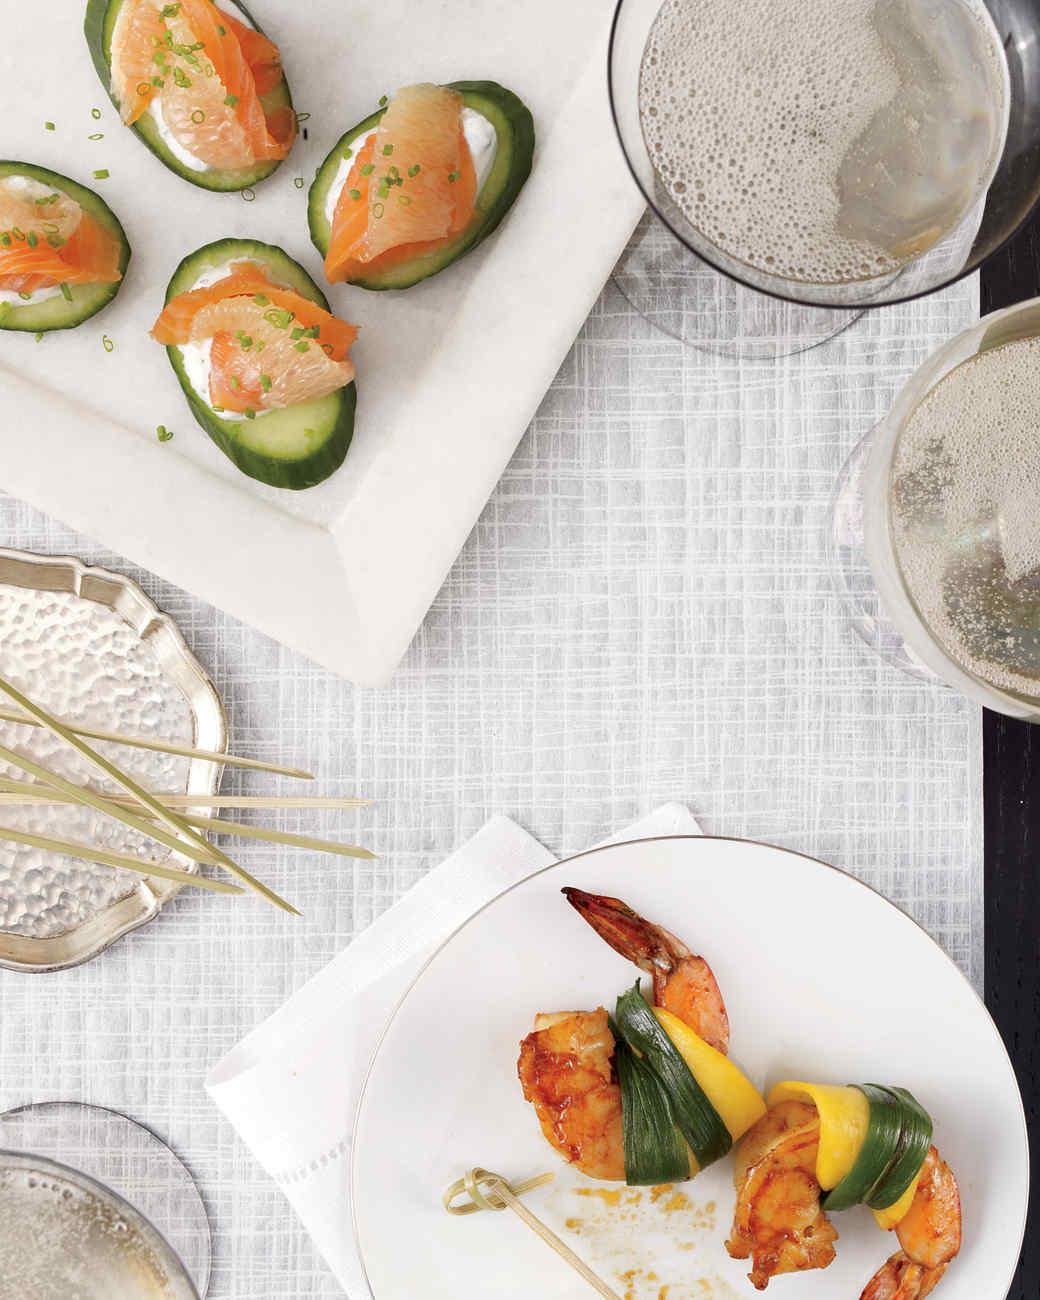 Scallion-and-Mango-Wrapped Shrimp